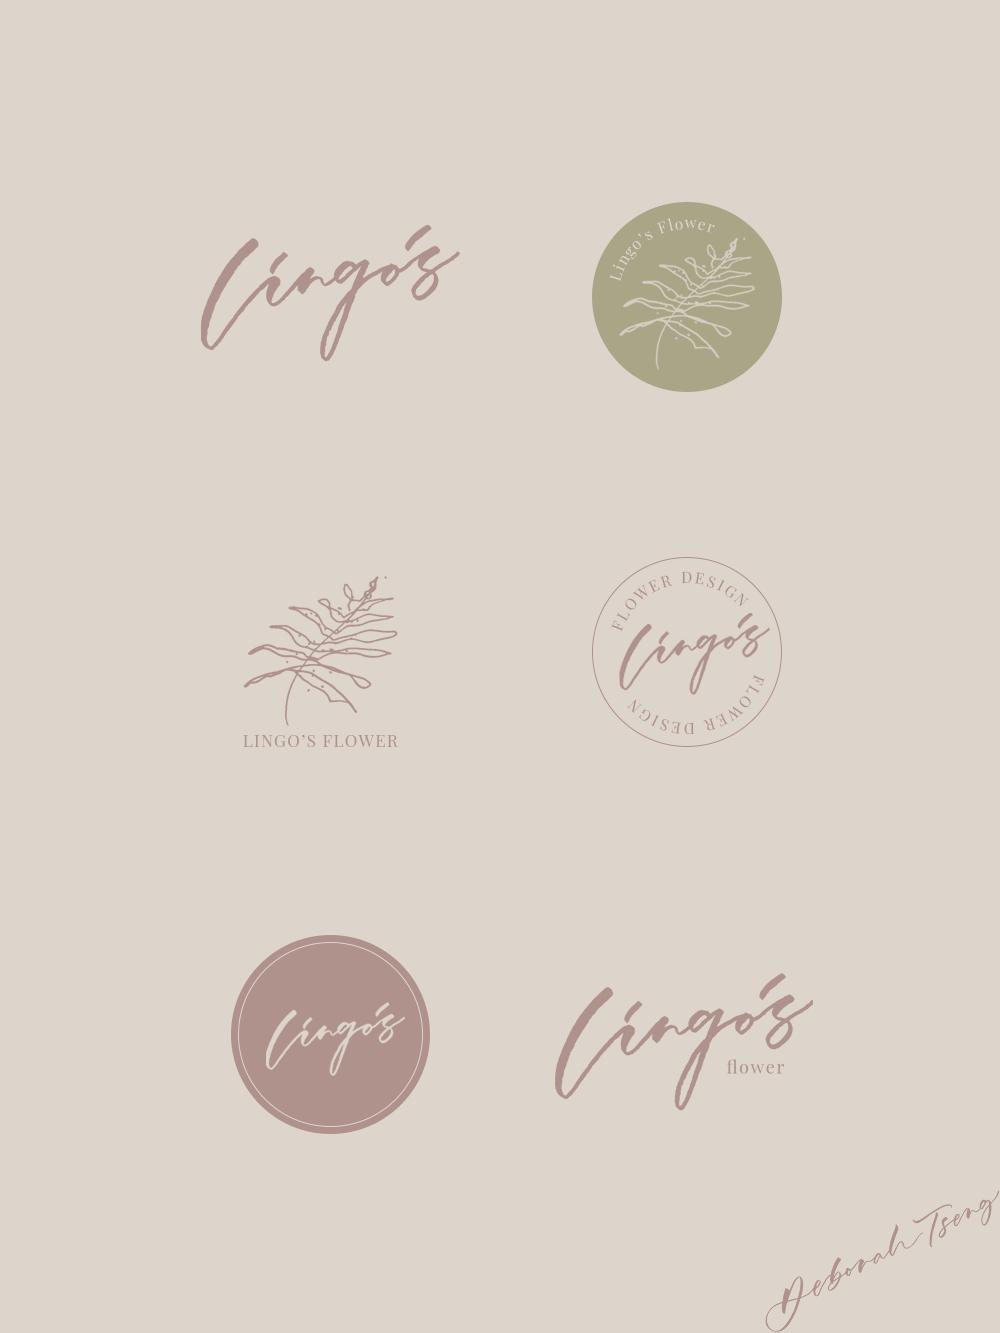 Lingo's Flower-logo variation presentation.png